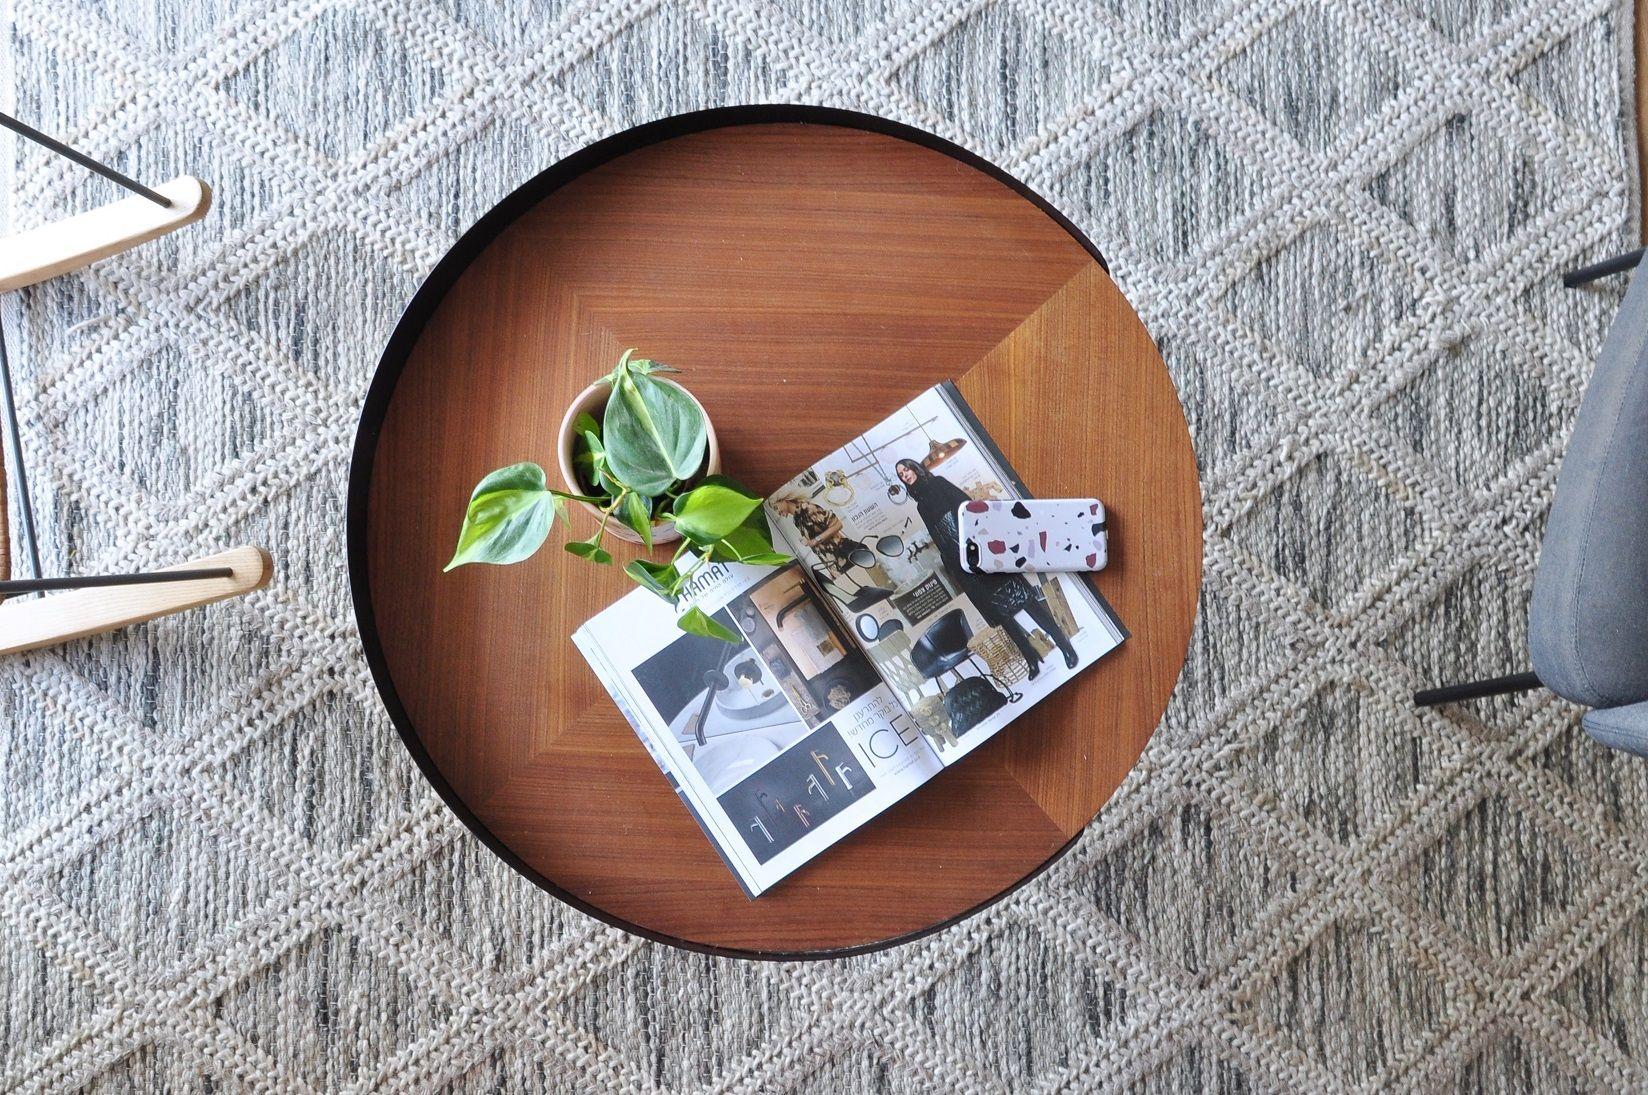 עיצוב וצילום מעיין פיינשטיין הום סטיילינג. רשת השטיח האדום